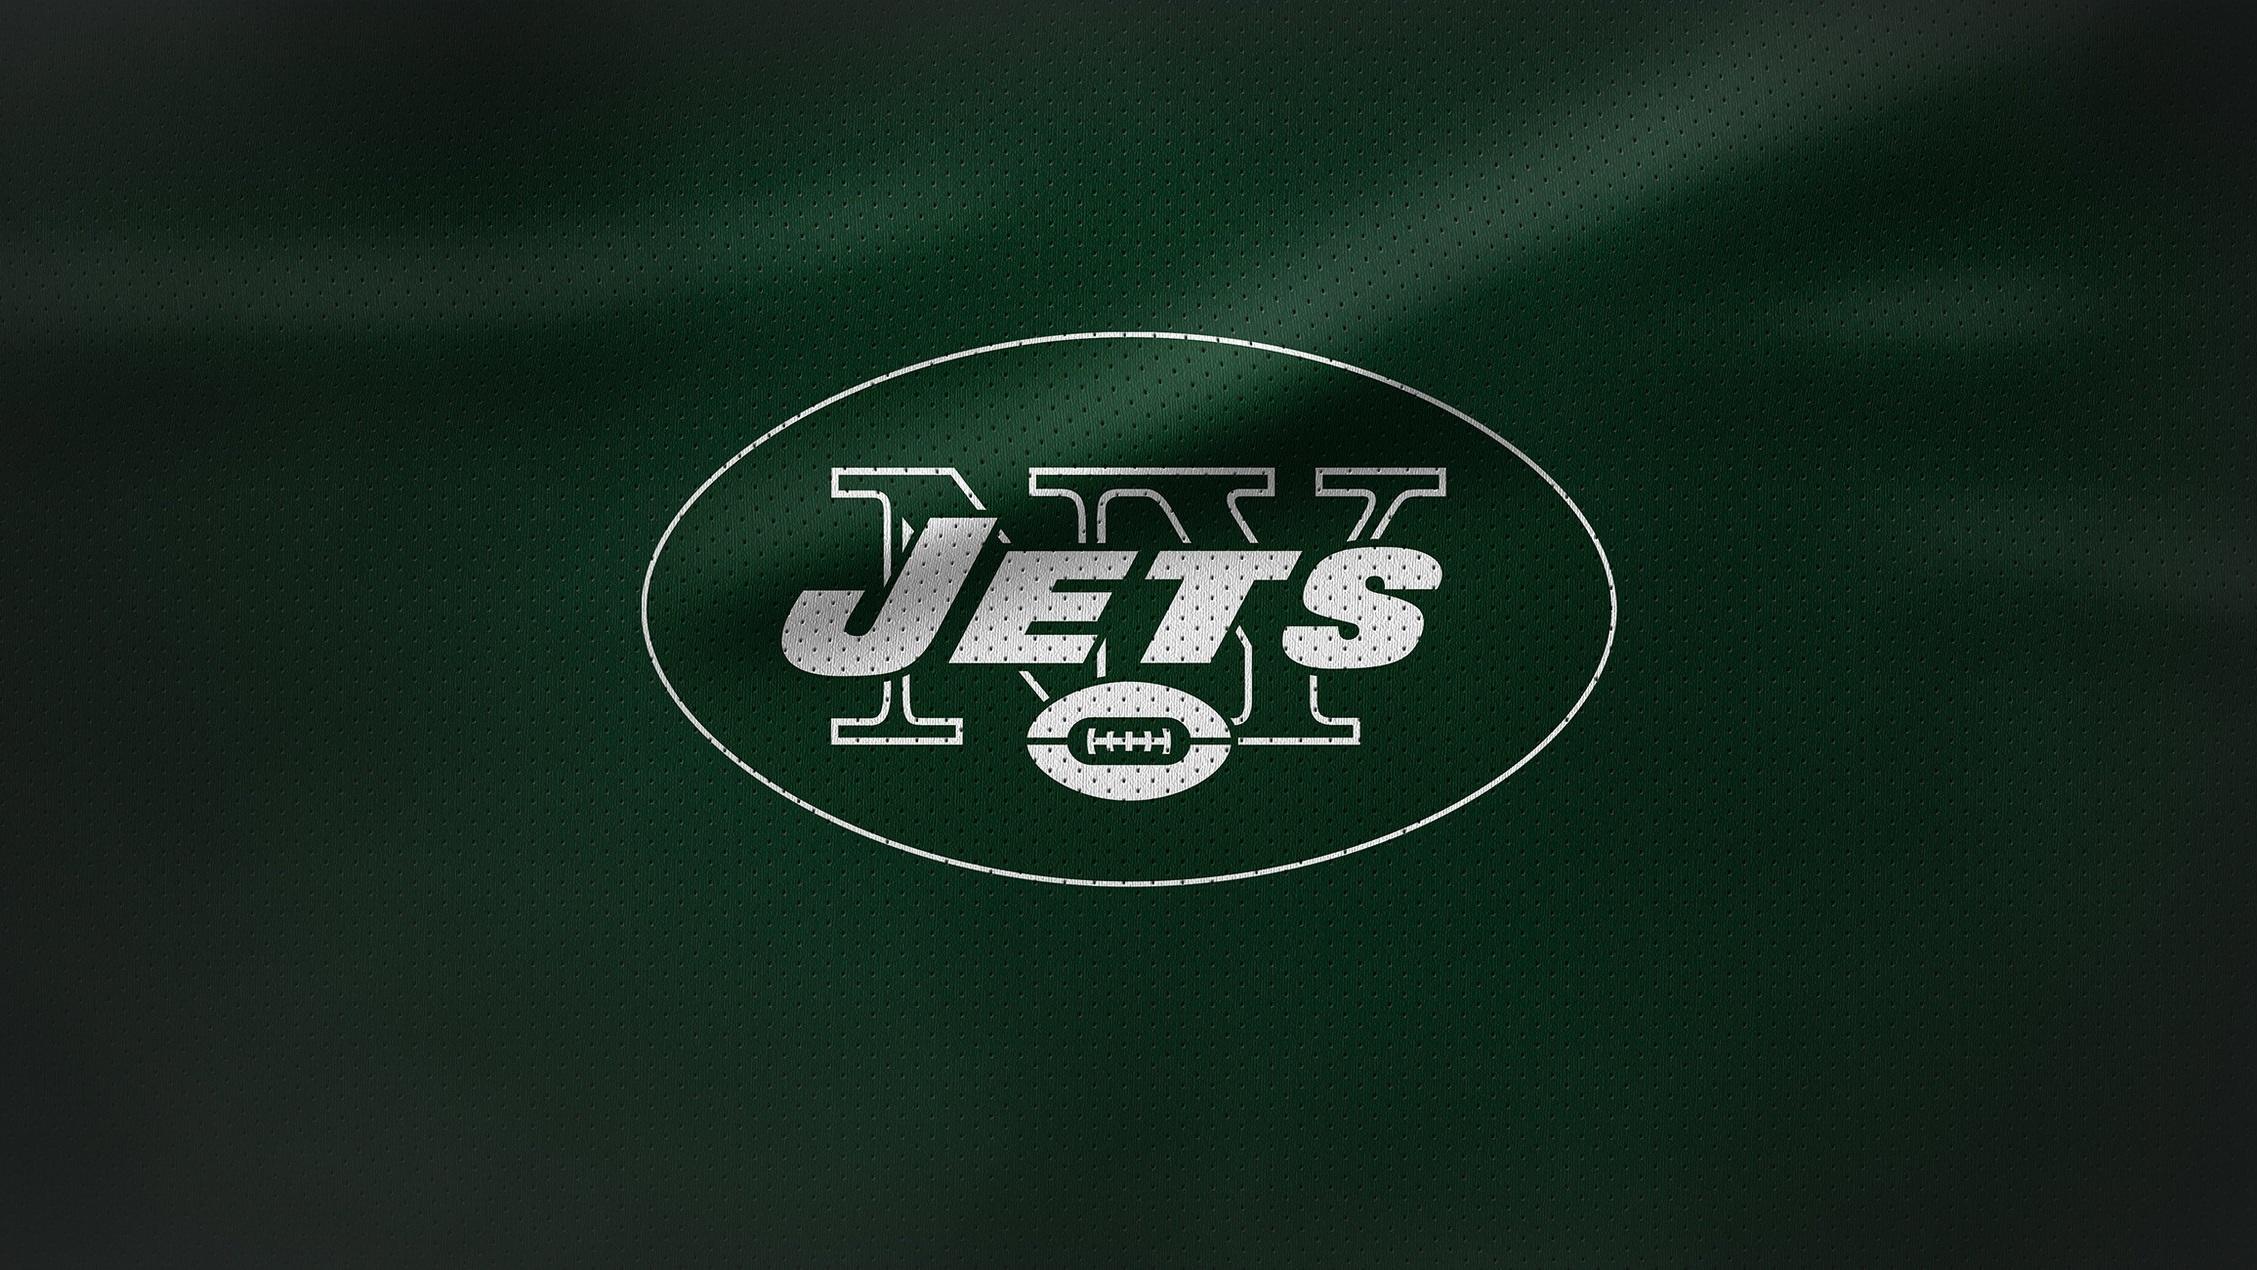 Rivalmöten - Pittsburgh Steelers är en naturlig rival för Eagles med tanke på att båda klubbarna återfinns i Pennsylvania. Philadelphia har även stor rivalitet med Dallas Cowboys och New York Giants som tillhört samma division sedan 1933. Rivaliteten med Giants är en av de äldsta i NFL.